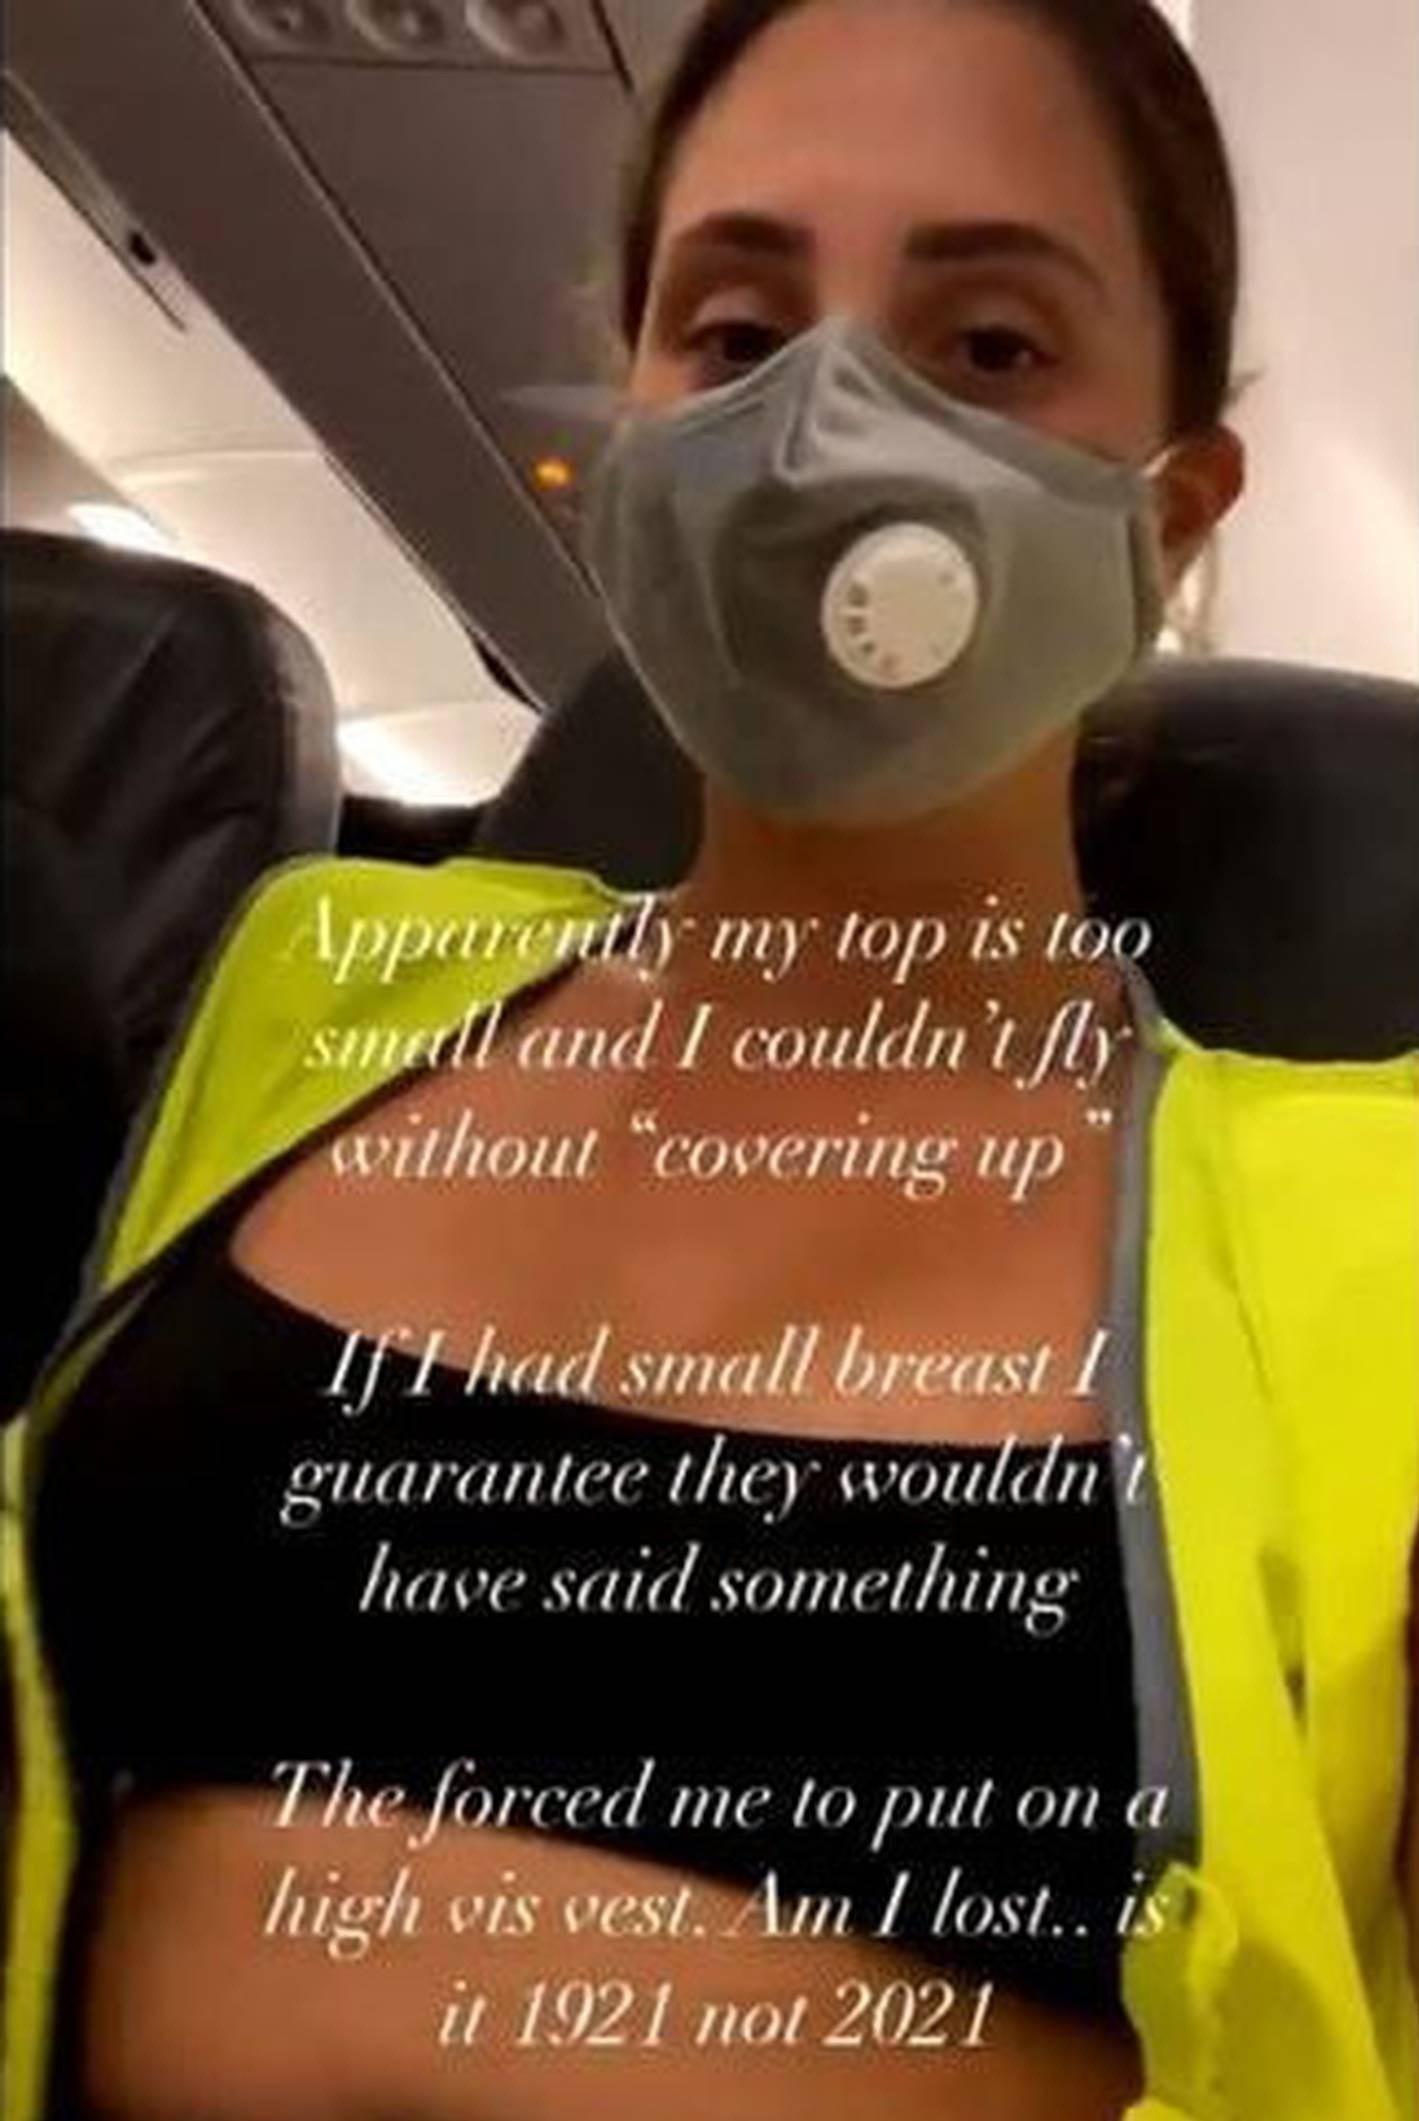 Bị yêu cầu khoác thêm áo khi mặc crop top lên máy bay Ảnh 1